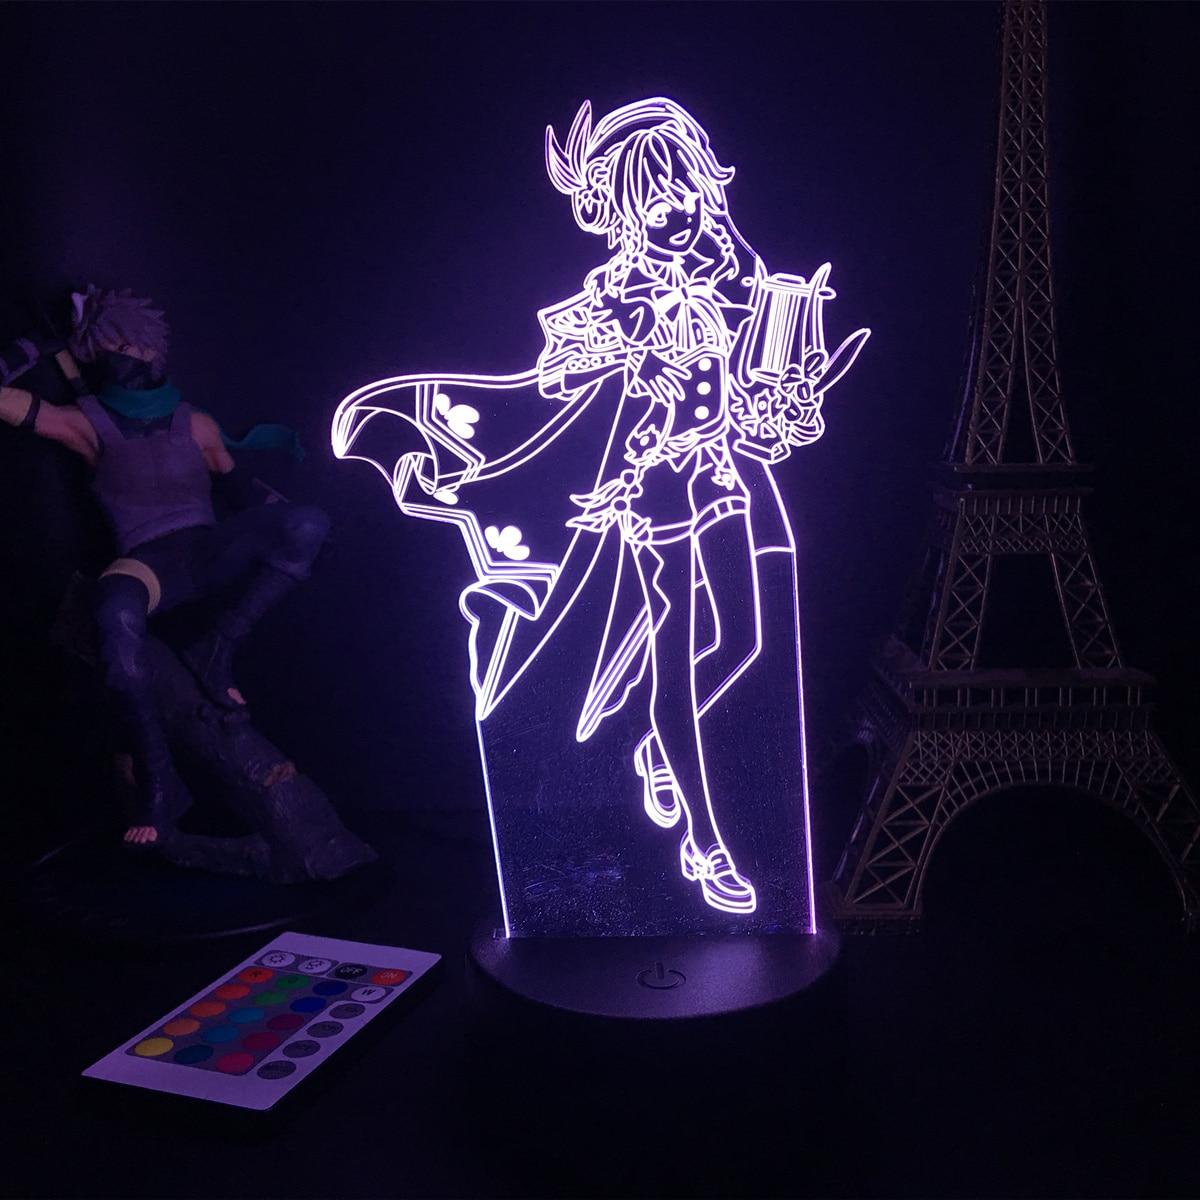 genshin figura de jogo impacto luminaria para 04